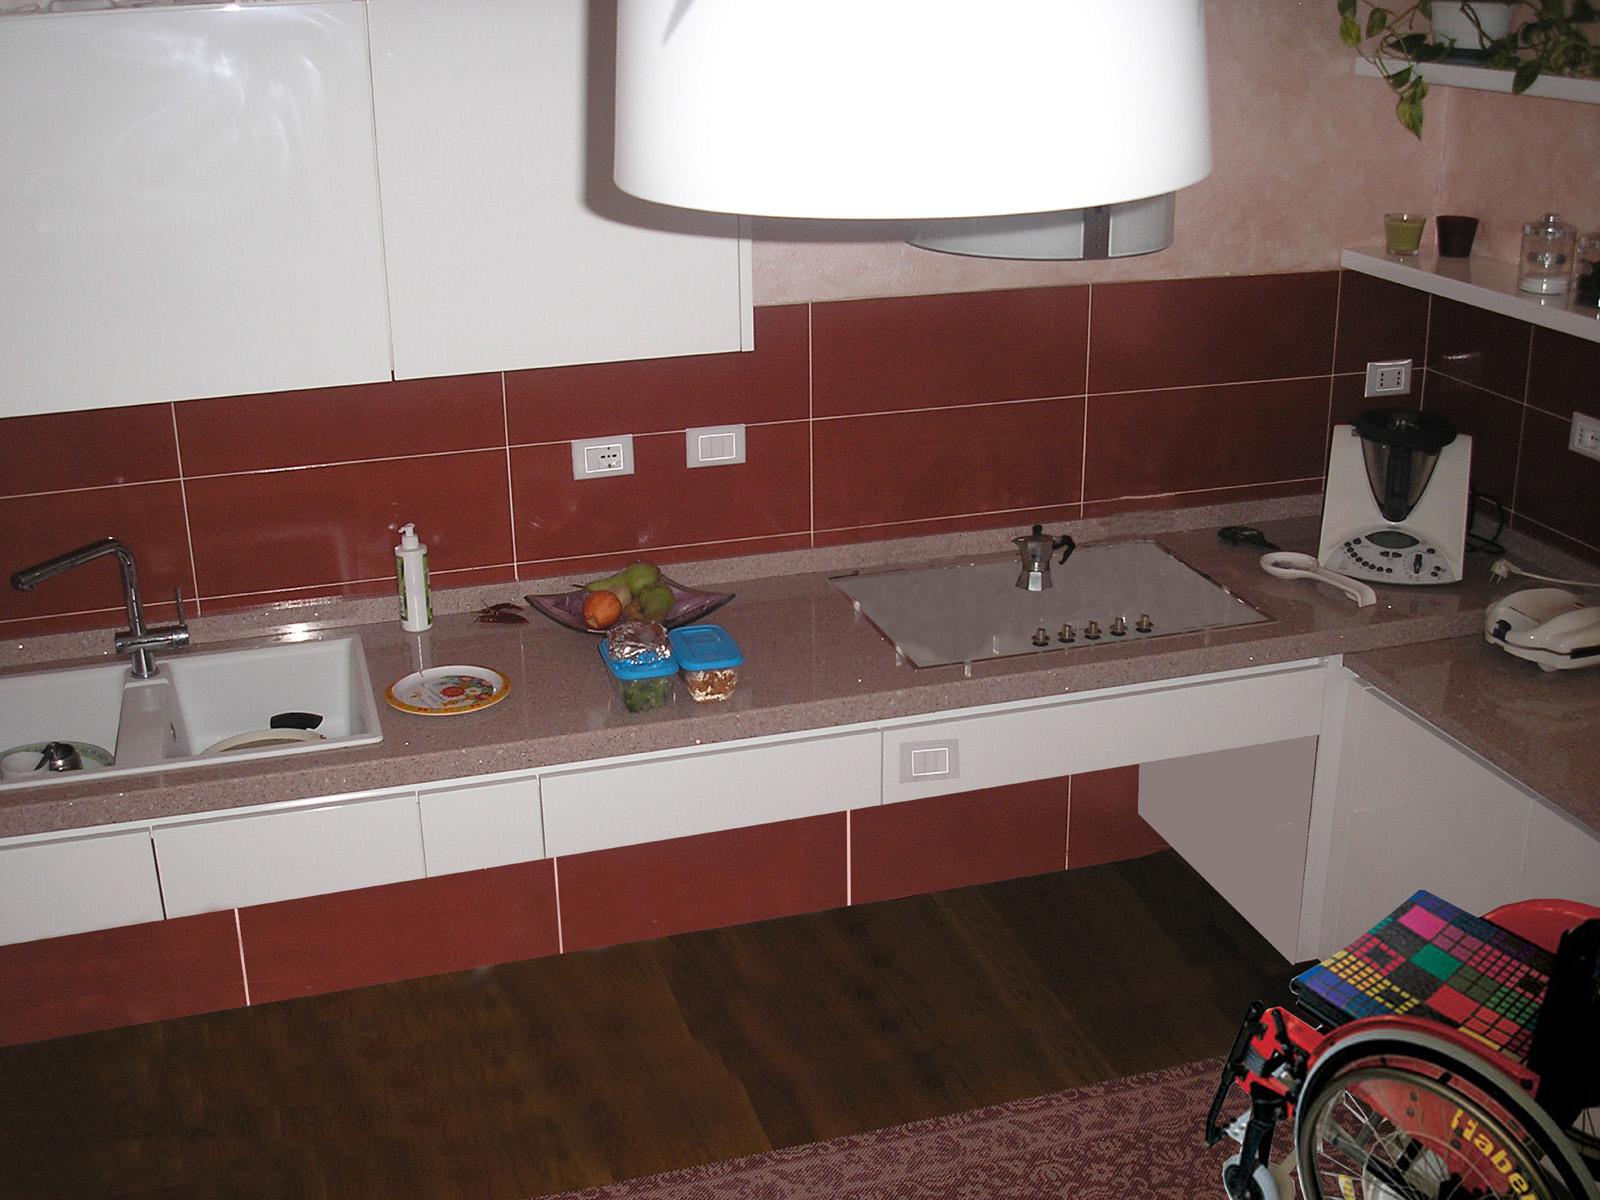 Arredi per disabile, cucina con top ribassato accessibile per carozzina- Farolfi Arredamenti